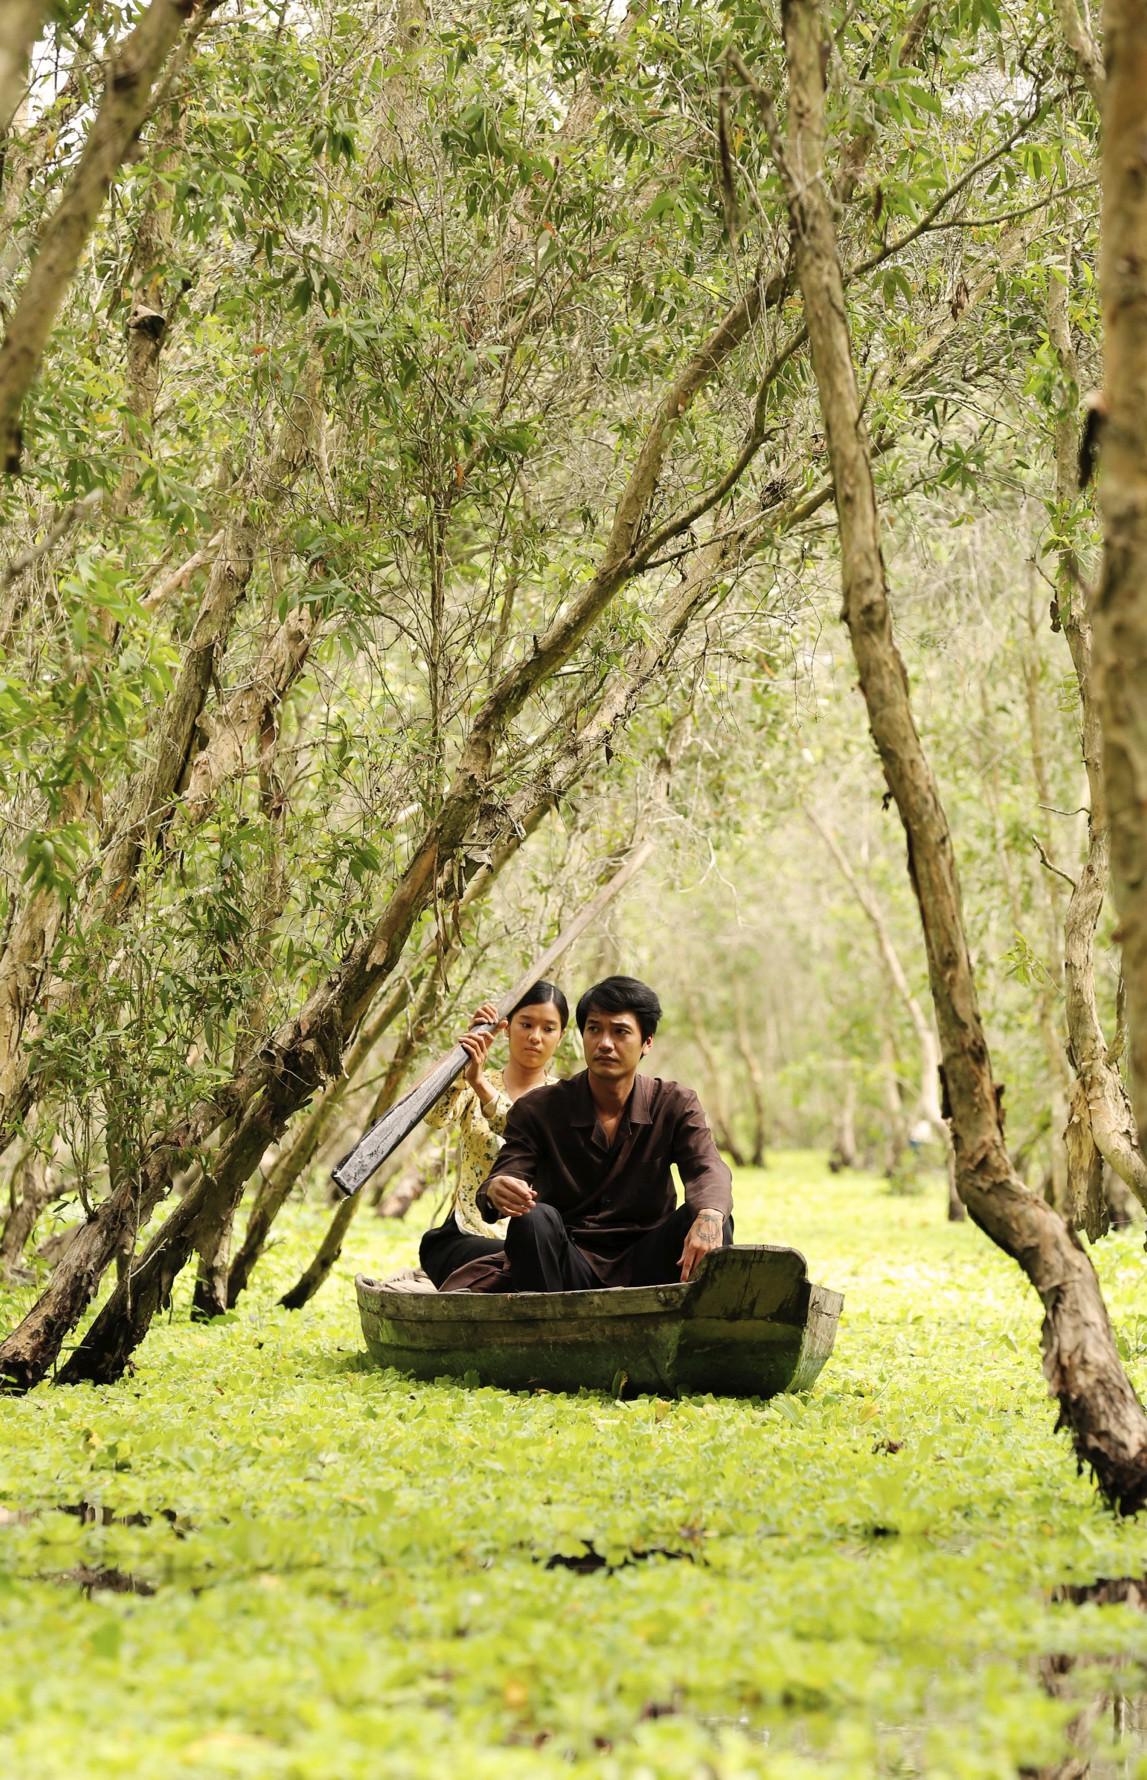 Thất Sơn Tâm Linh ghi dấu ấn với cảnh đẹp yên bình miền Thất Sơn - Ảnh 8.